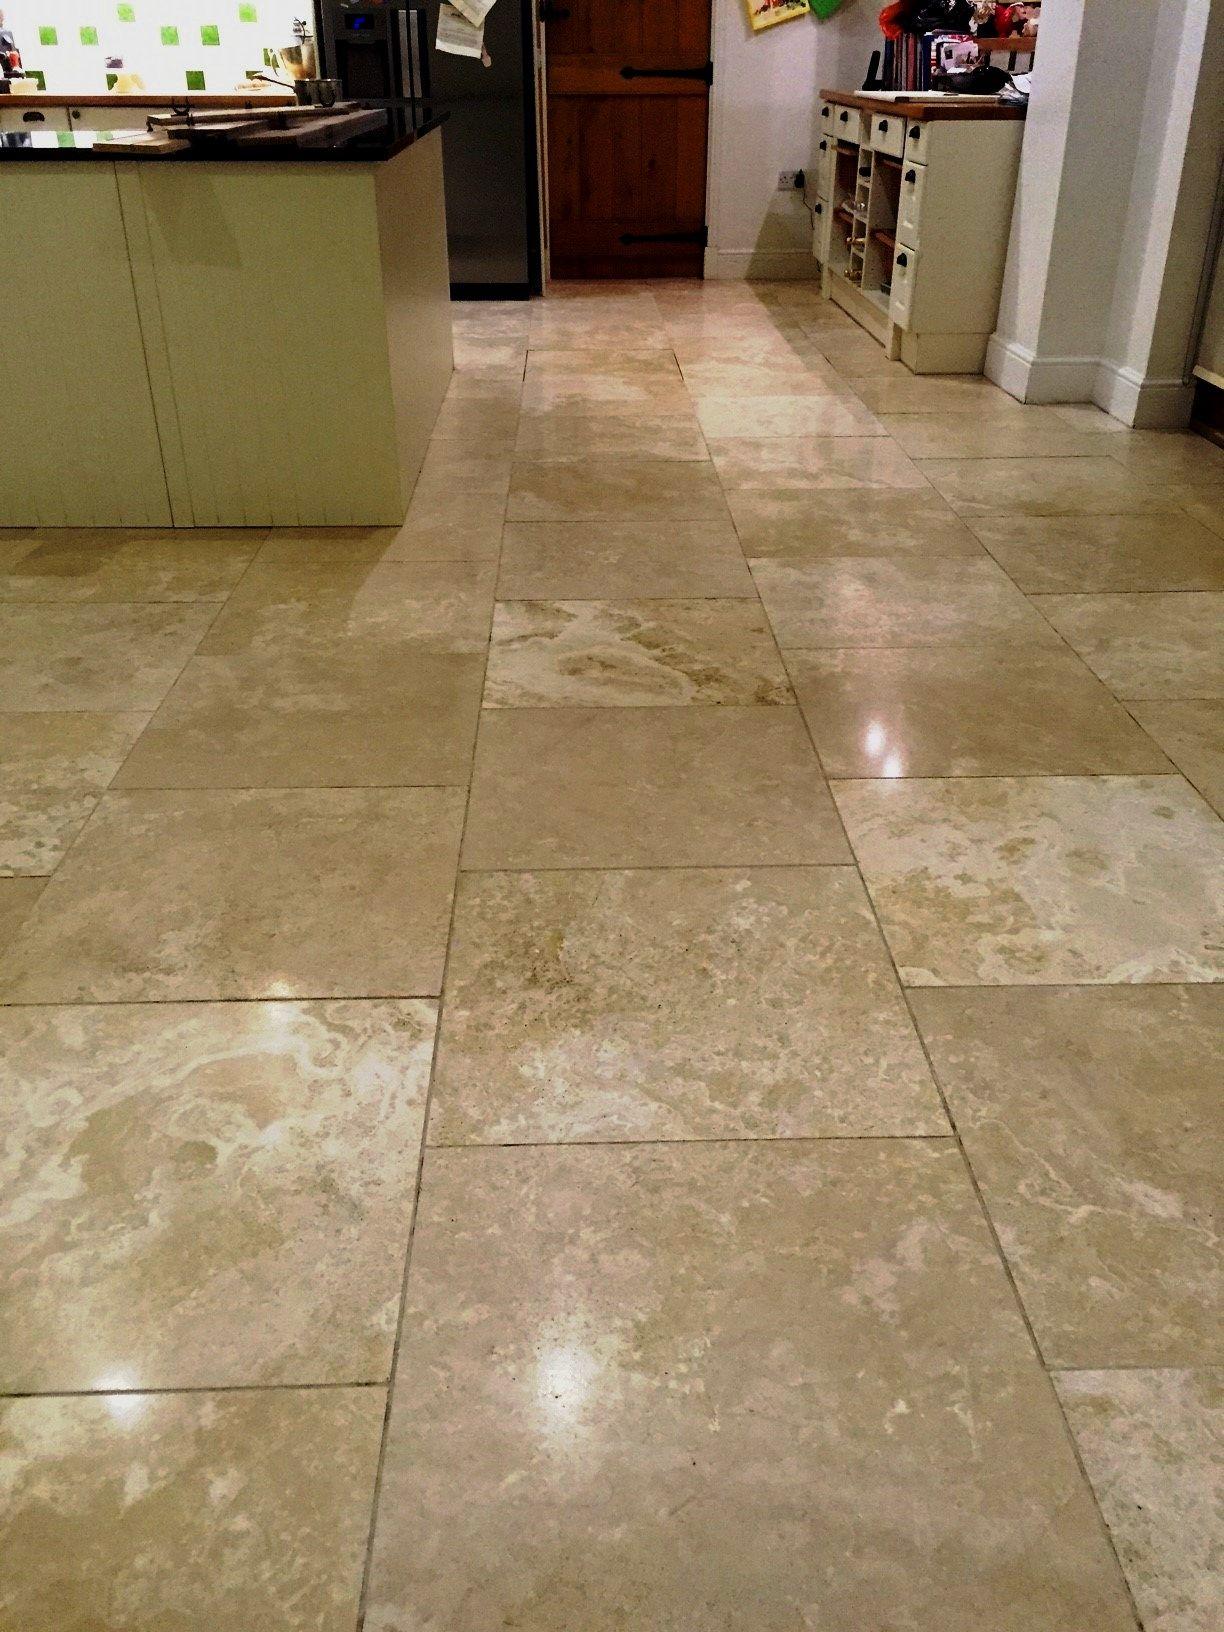 travertine tile kitchen floor ideas travertine tile kitchen floor ideas   http   jubiz info      rh   pinterest com